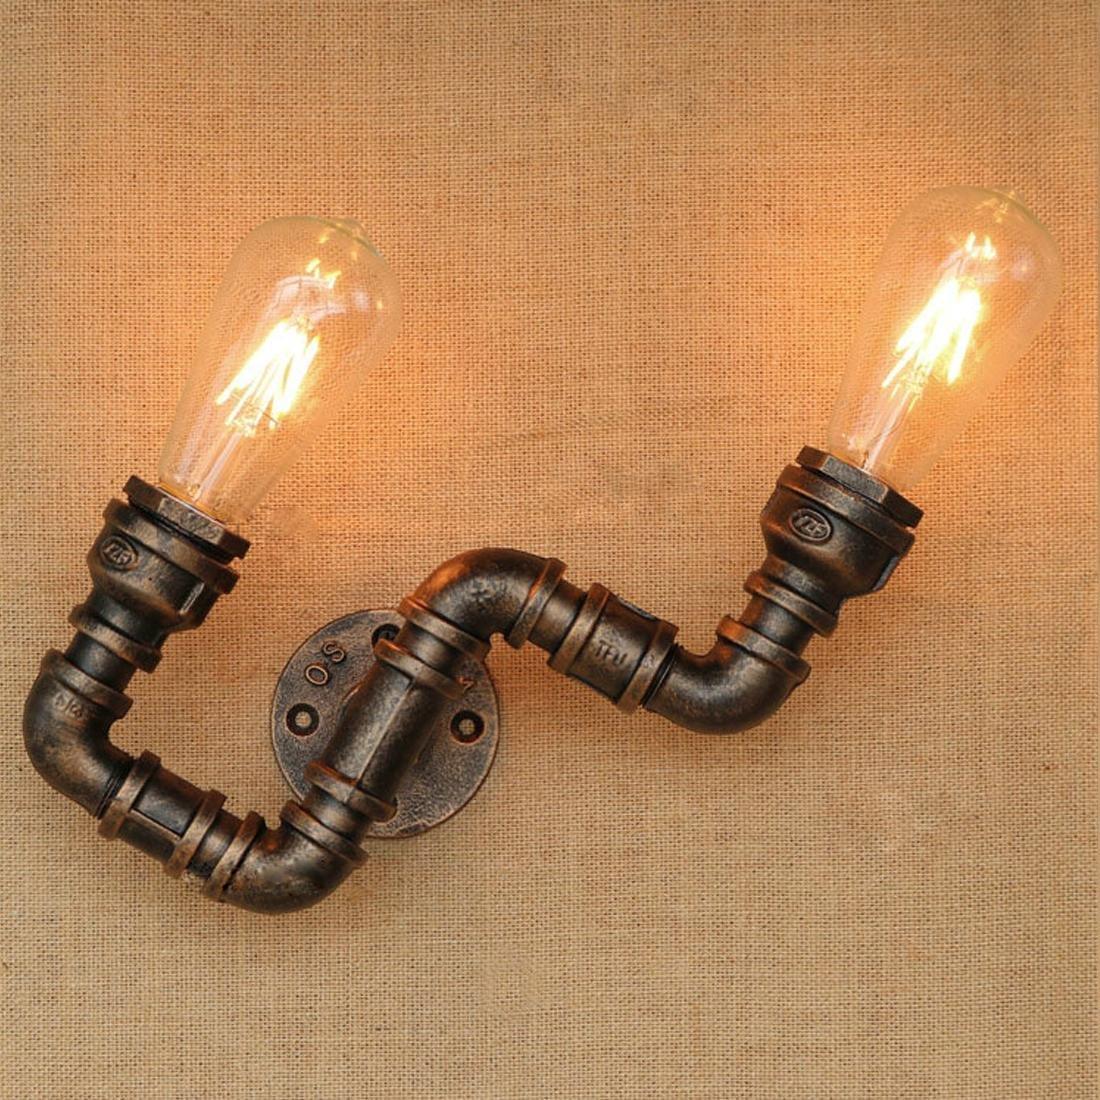 Retro Wandleuchte Industriell Vintage Leuchte Rohr Schlauch Wandlampe mit Sockel Kreativ Eisen Edison Lampe E27 Innen Dekorativ Direkt Beleuchtung für Hotel Balkon Nachttischlampe Flurlampe Bar, F